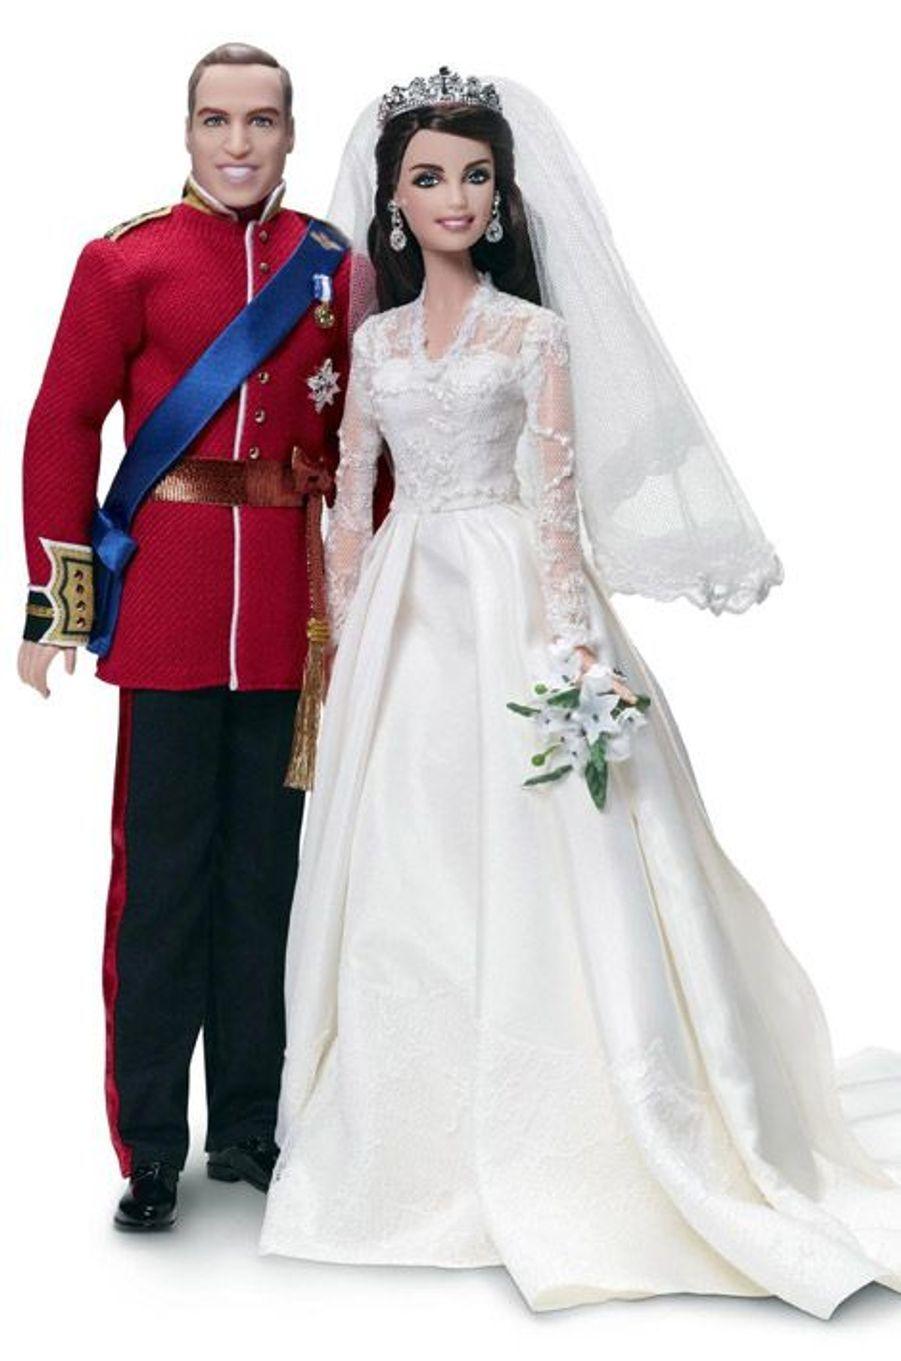 Les poupées à l'effigie de Kate Middleton et du prince Wiliam le jour de leur mariage, le 29 avril 2011